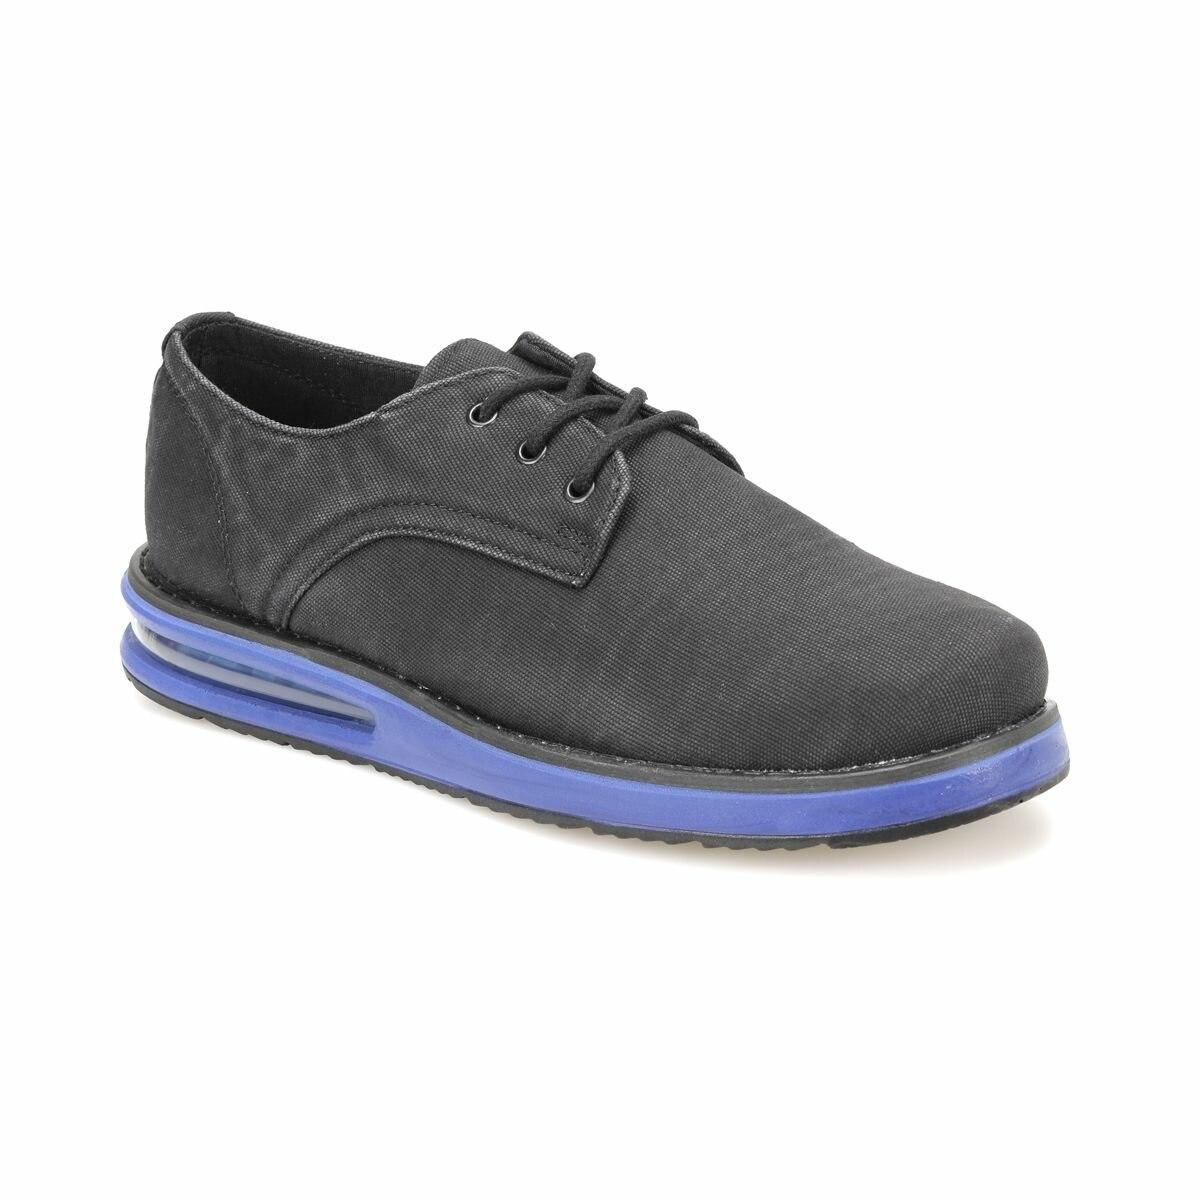 FLO NERON Black Men 'S Classic Shoes-Styles